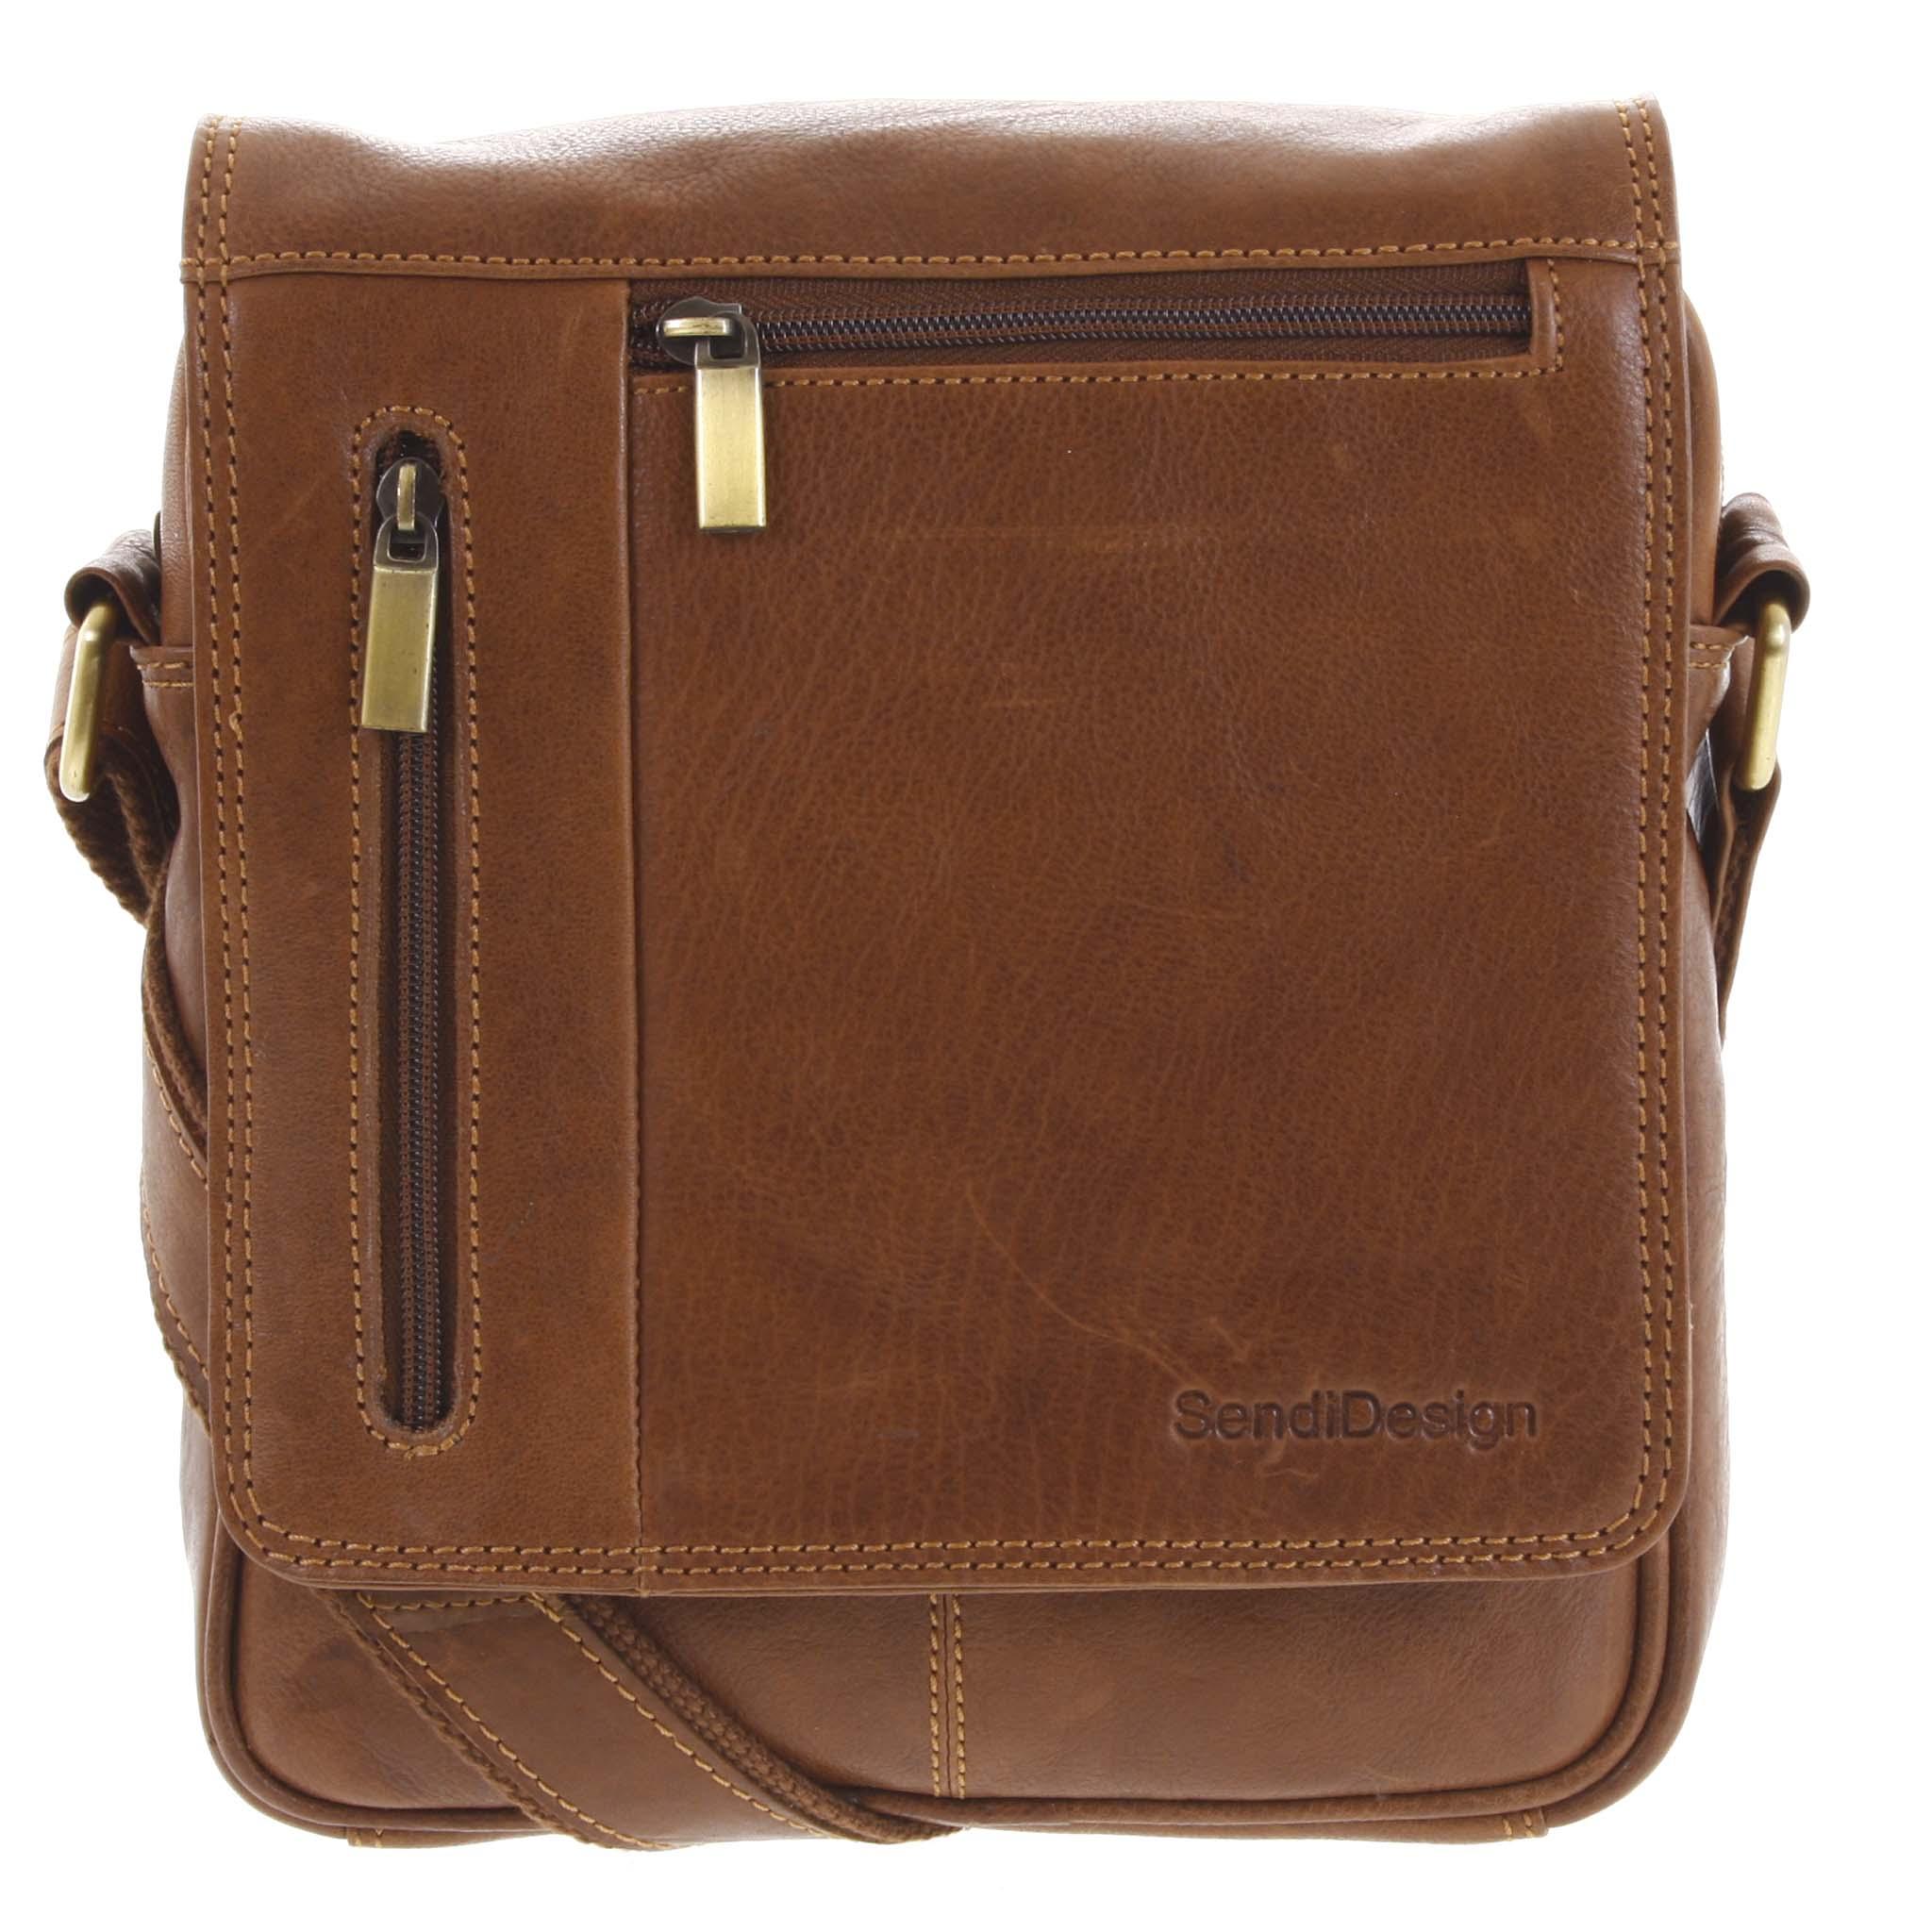 Pánska kožená taška cez hnedá hnedá - SendiDesign Thoreau